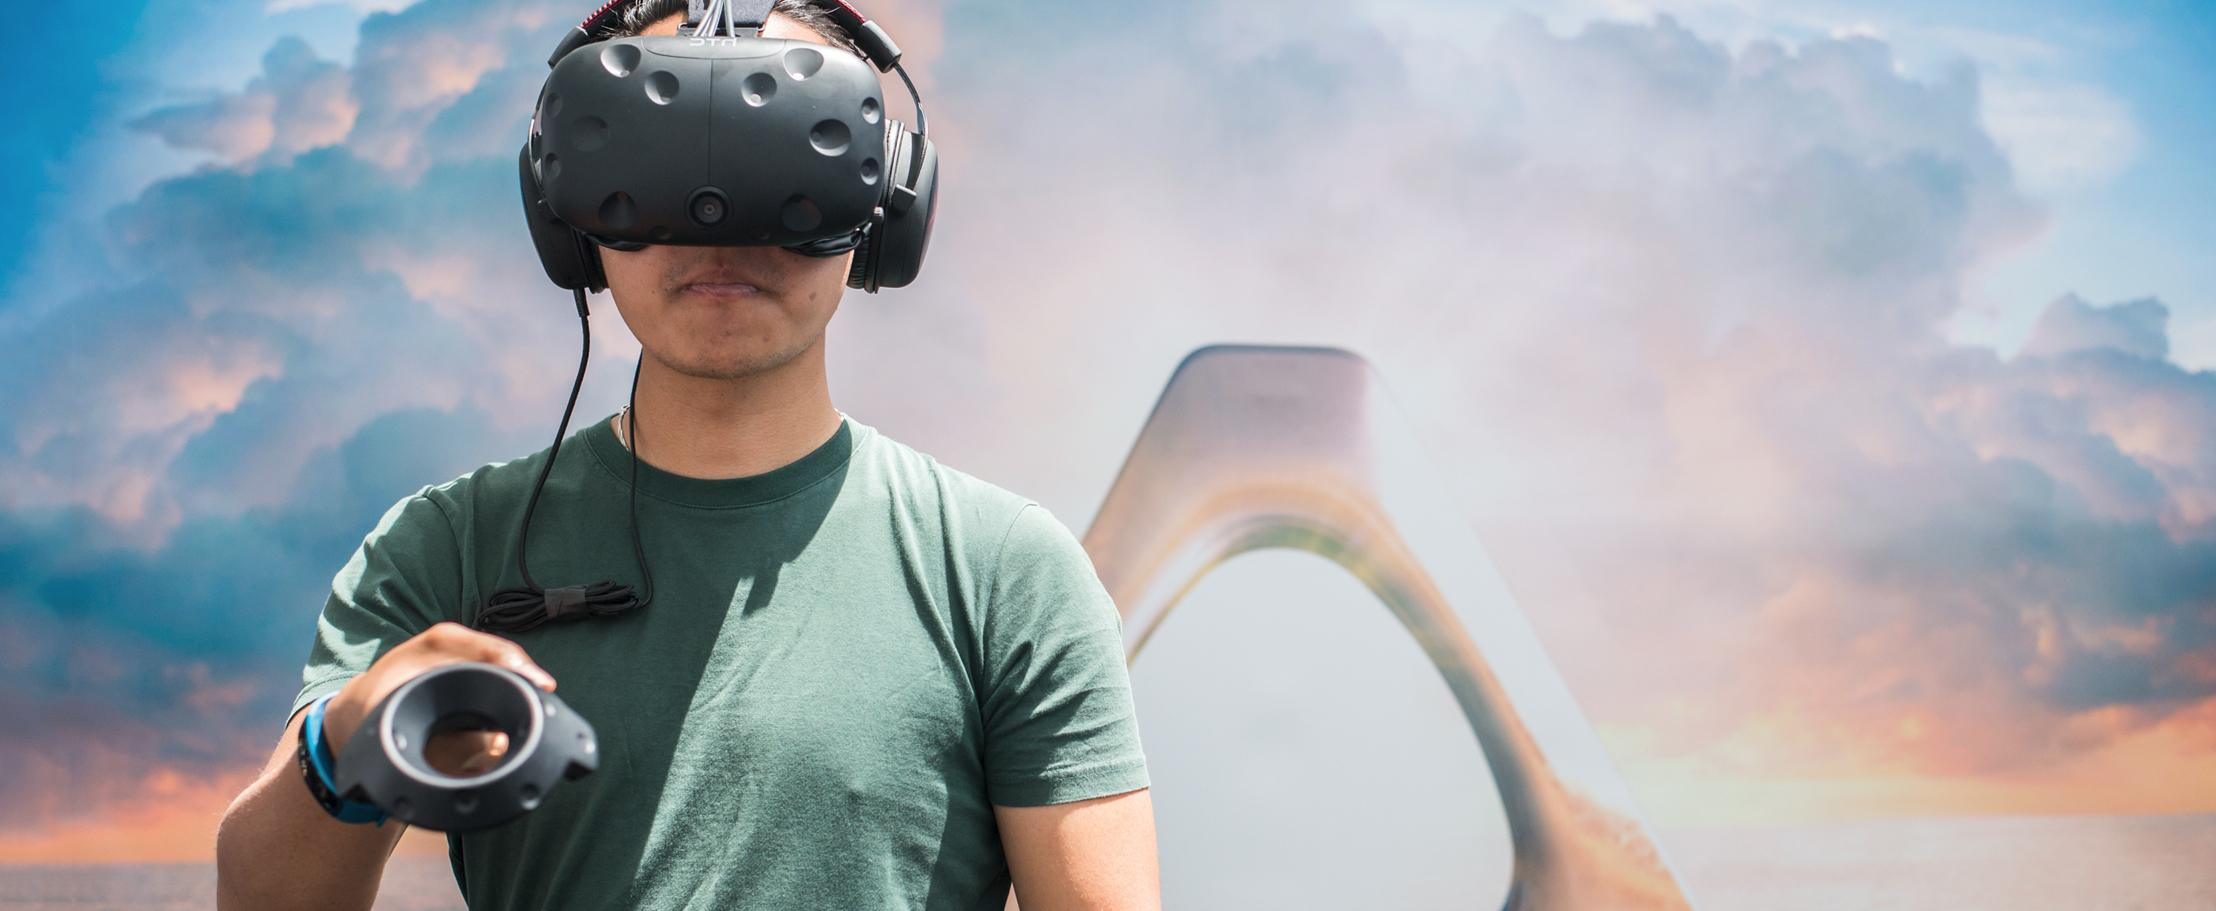 Благодаря этим играм виртуальная реальность будет популярной ещё очень долго